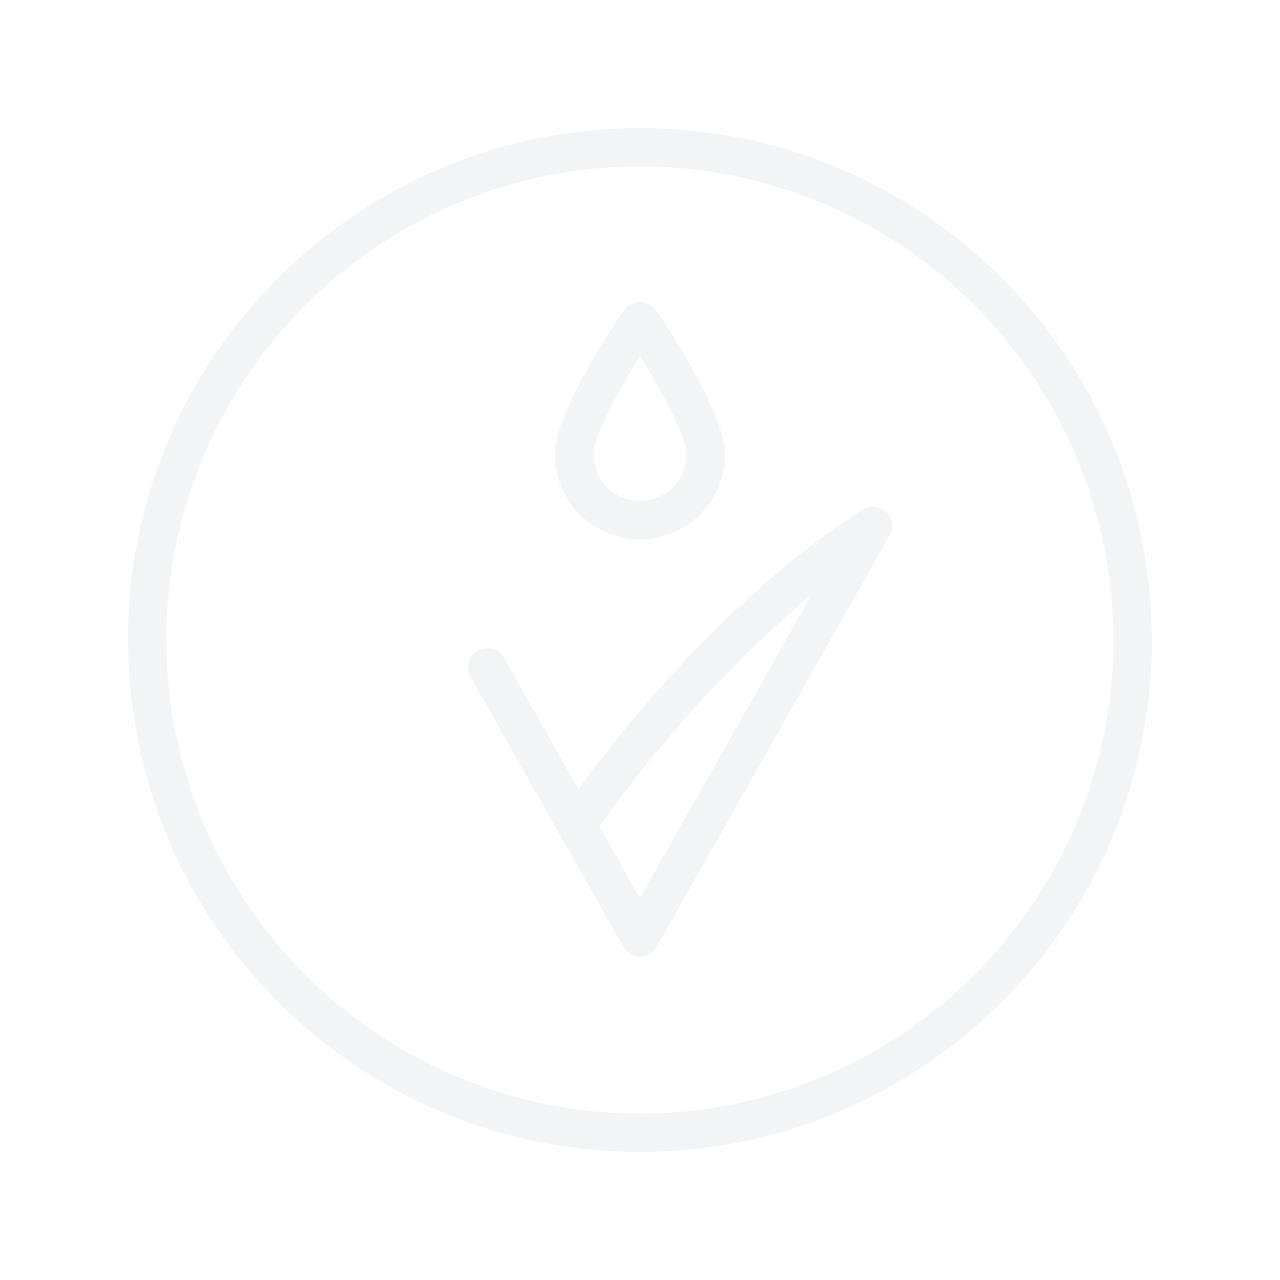 HOLIKA HOLIKA Tail Lasting Sharp Pen Liner 1.7g